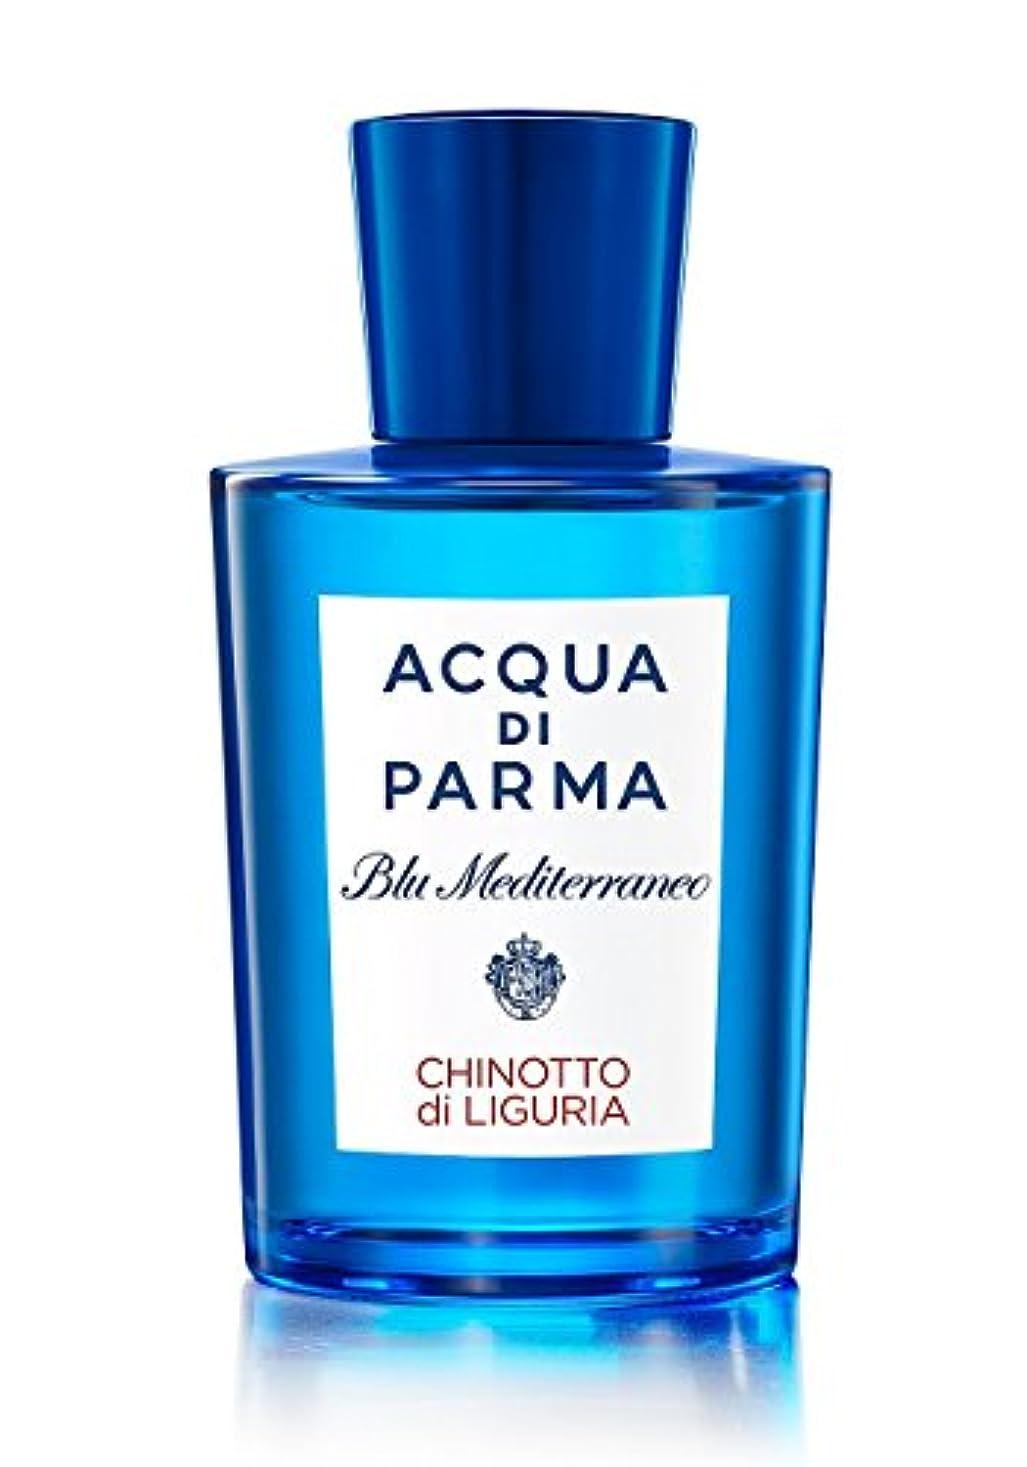 ガラス小道具崇拝するアクアディパルマ Blu Mediterraneo Chinotto Di Liguria Eau De Toilette Spray 150ml/5oz並行輸入品